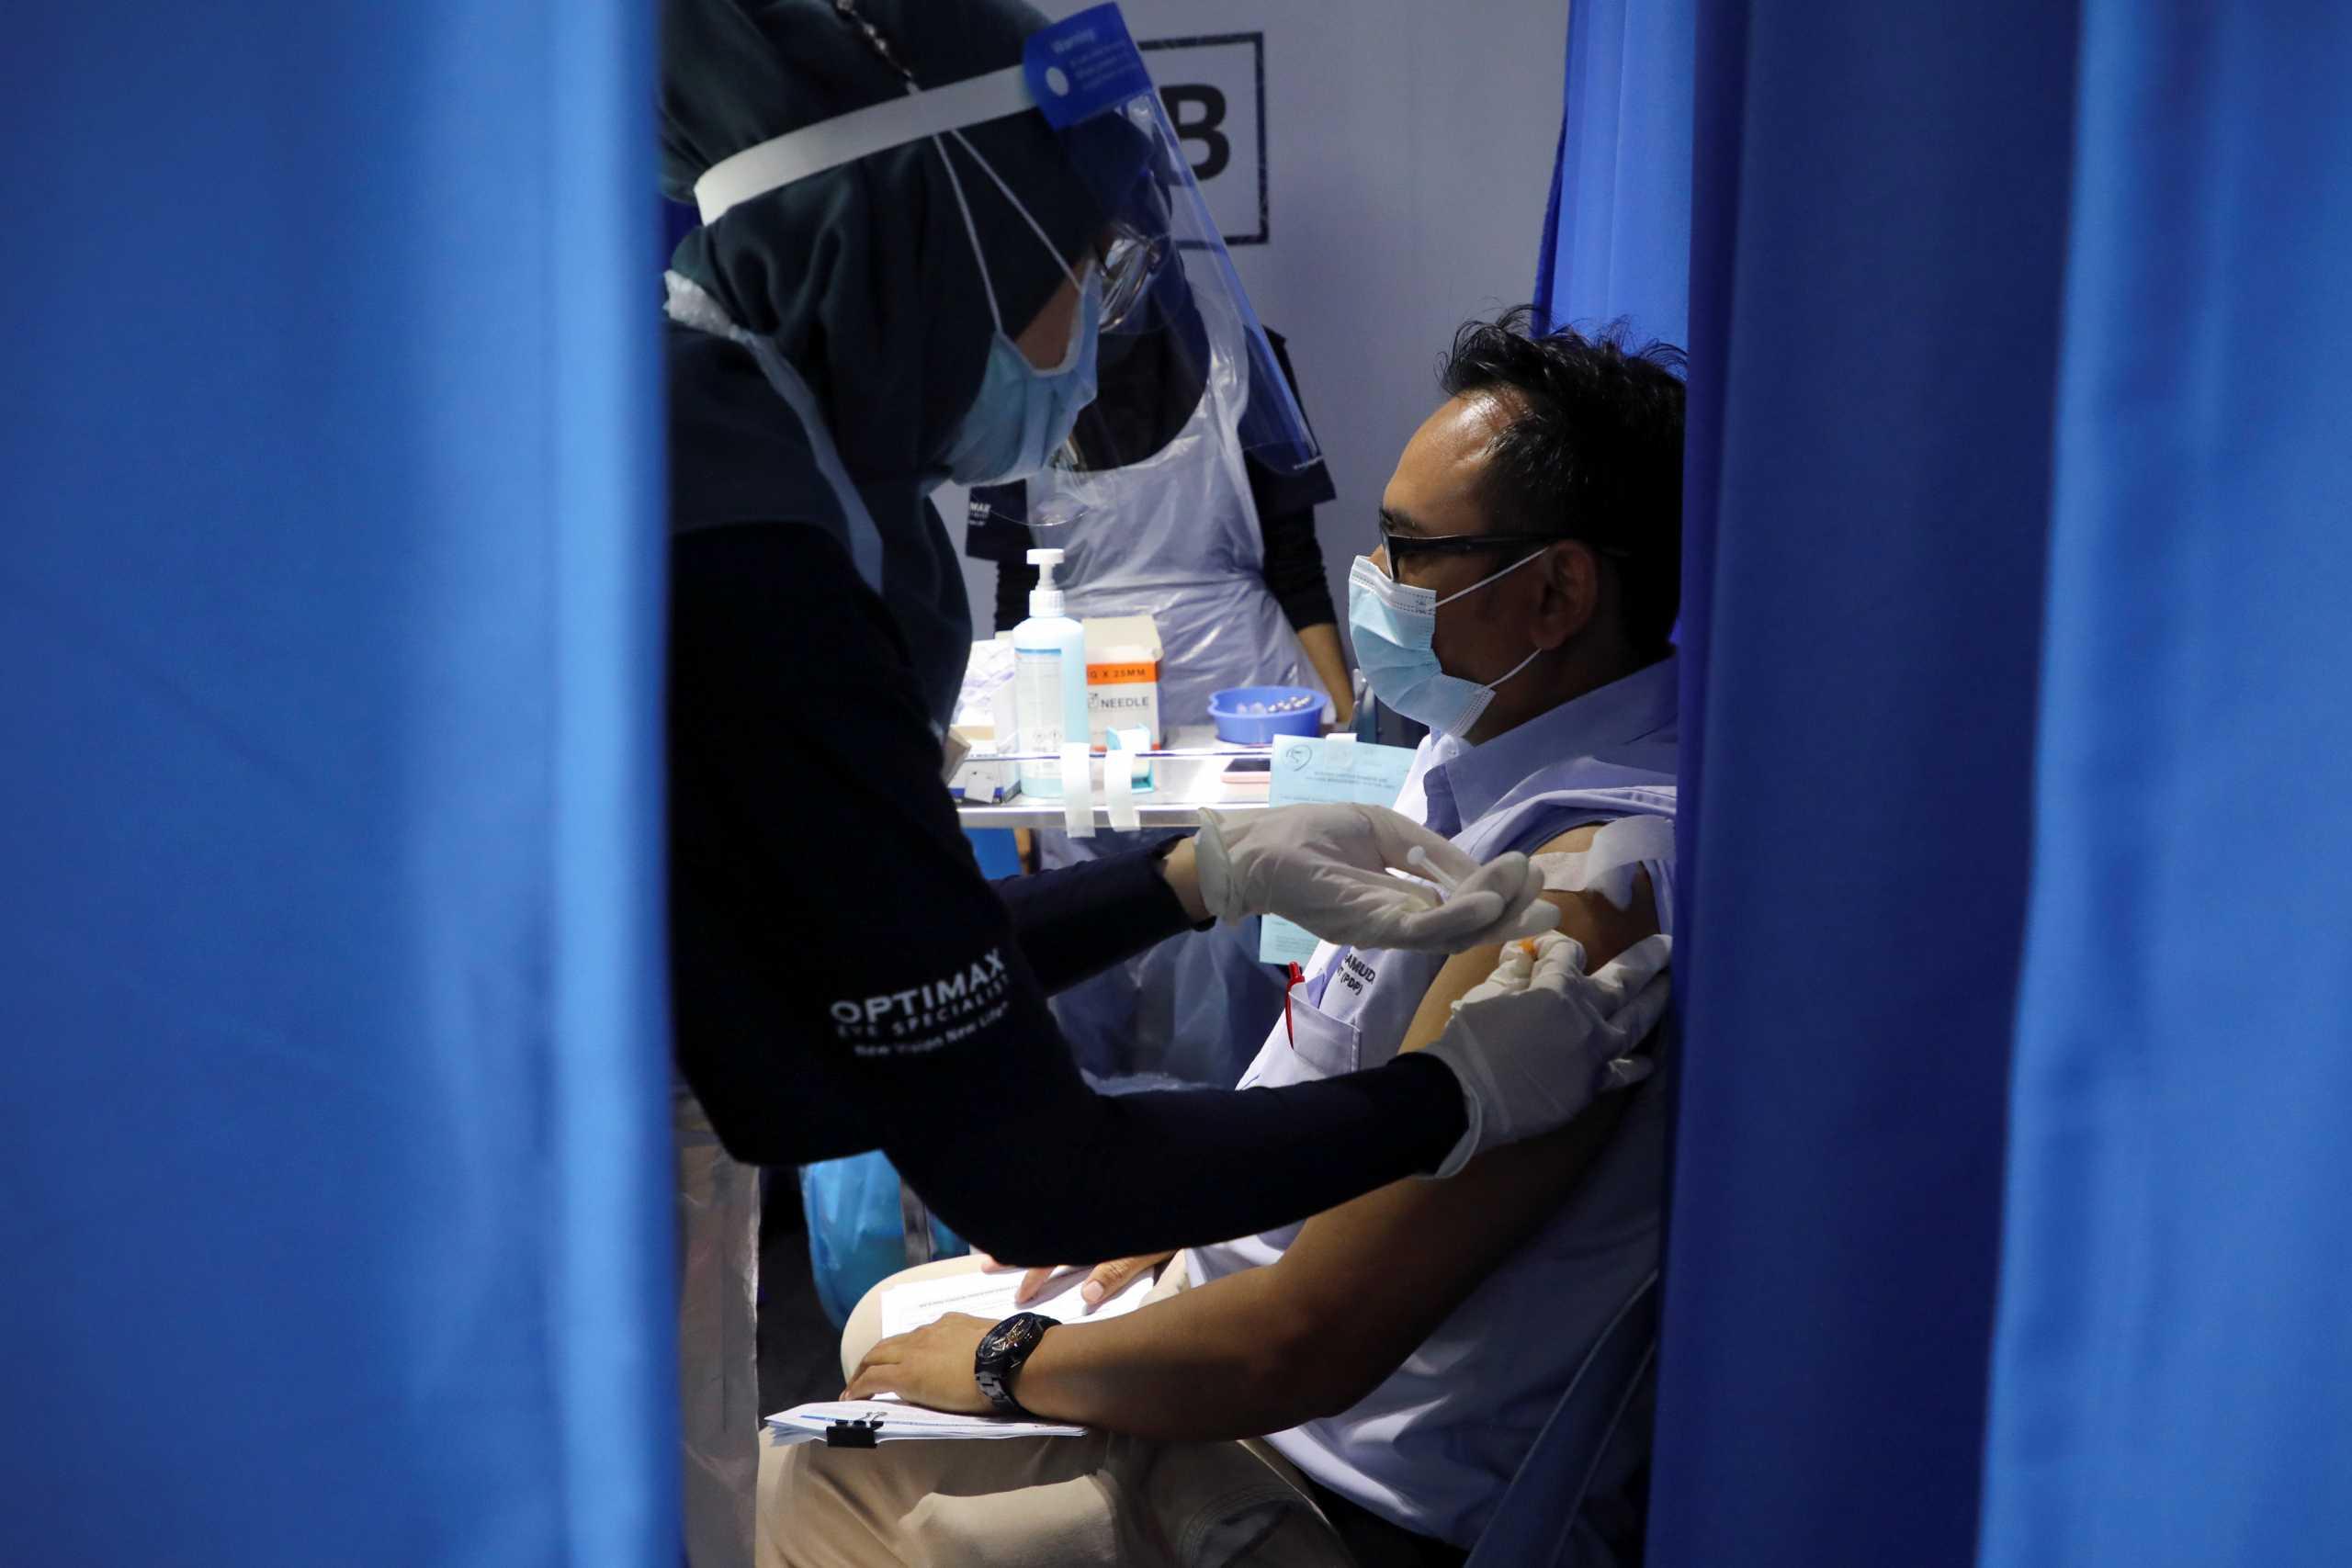 Κορονοϊός – Έρευνα:  Μια τρίτη δόση εμβολίου μπορεί να ενισχύσει την προστασία των μεταμοσχευμένων